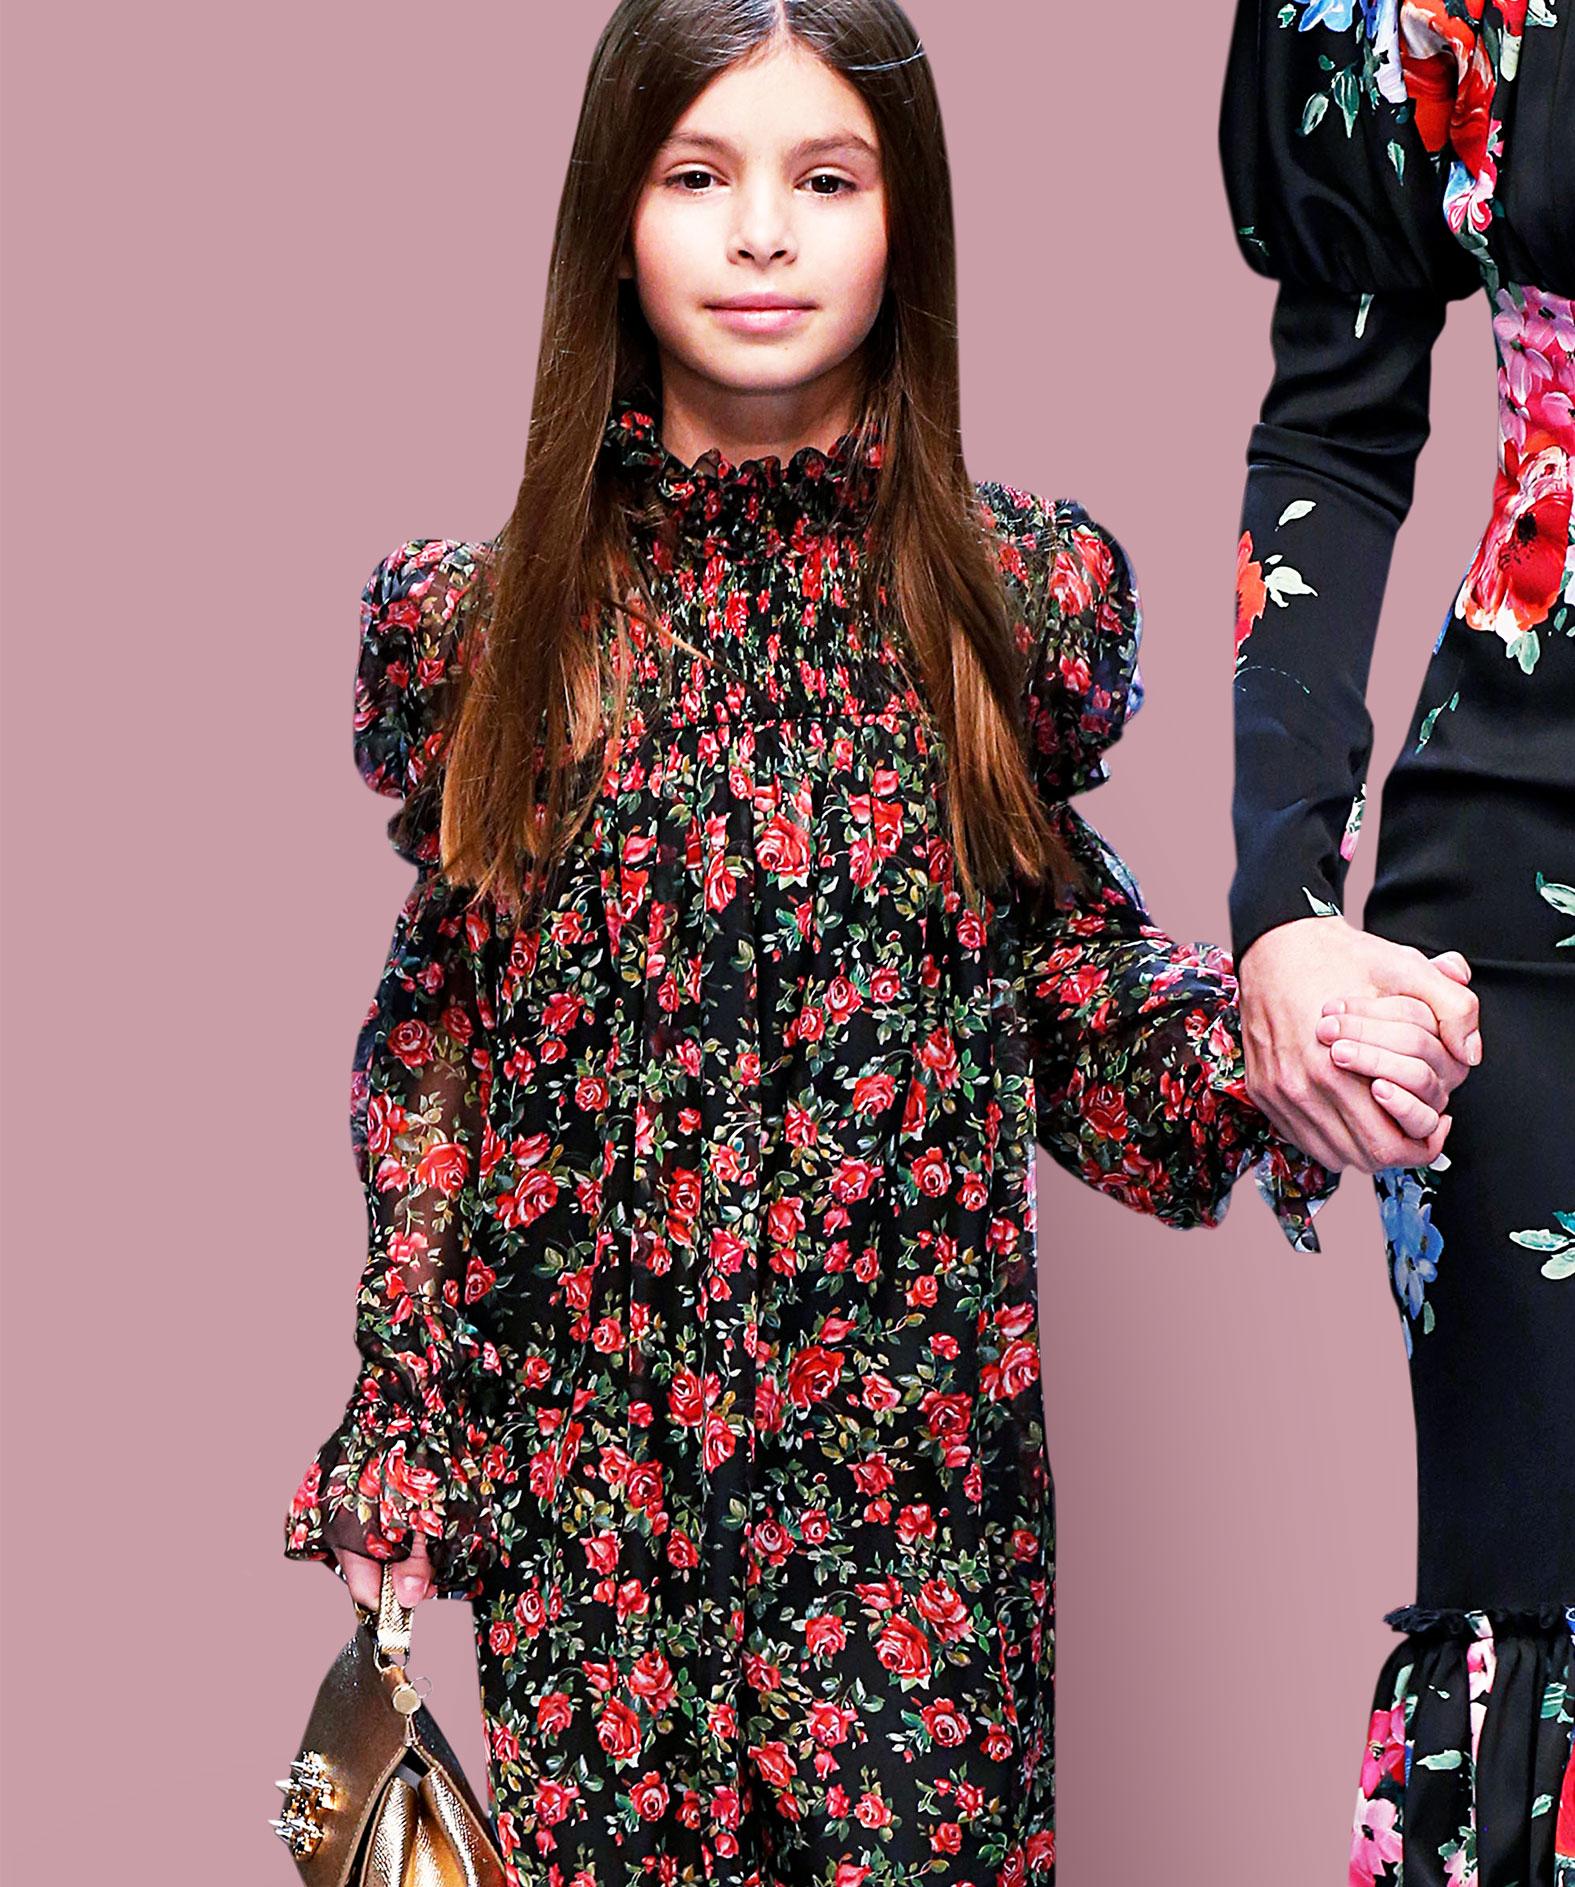 Mädchen in festlichem Kleid von Dolce & Gabbana